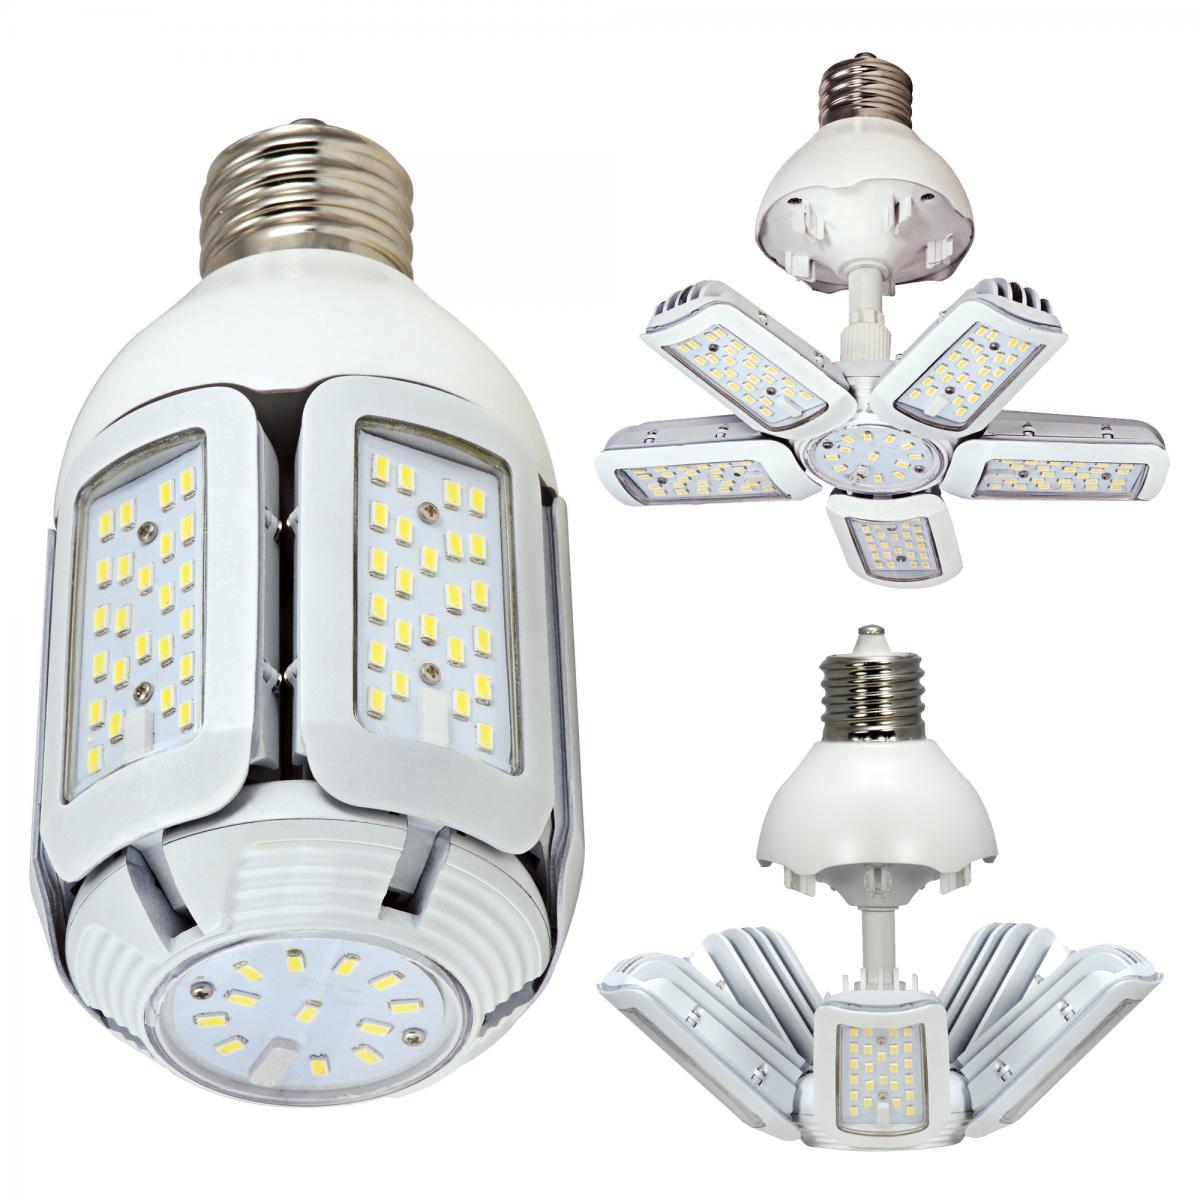 S9751 40W/LED/HID/MB/5000K/100-277V